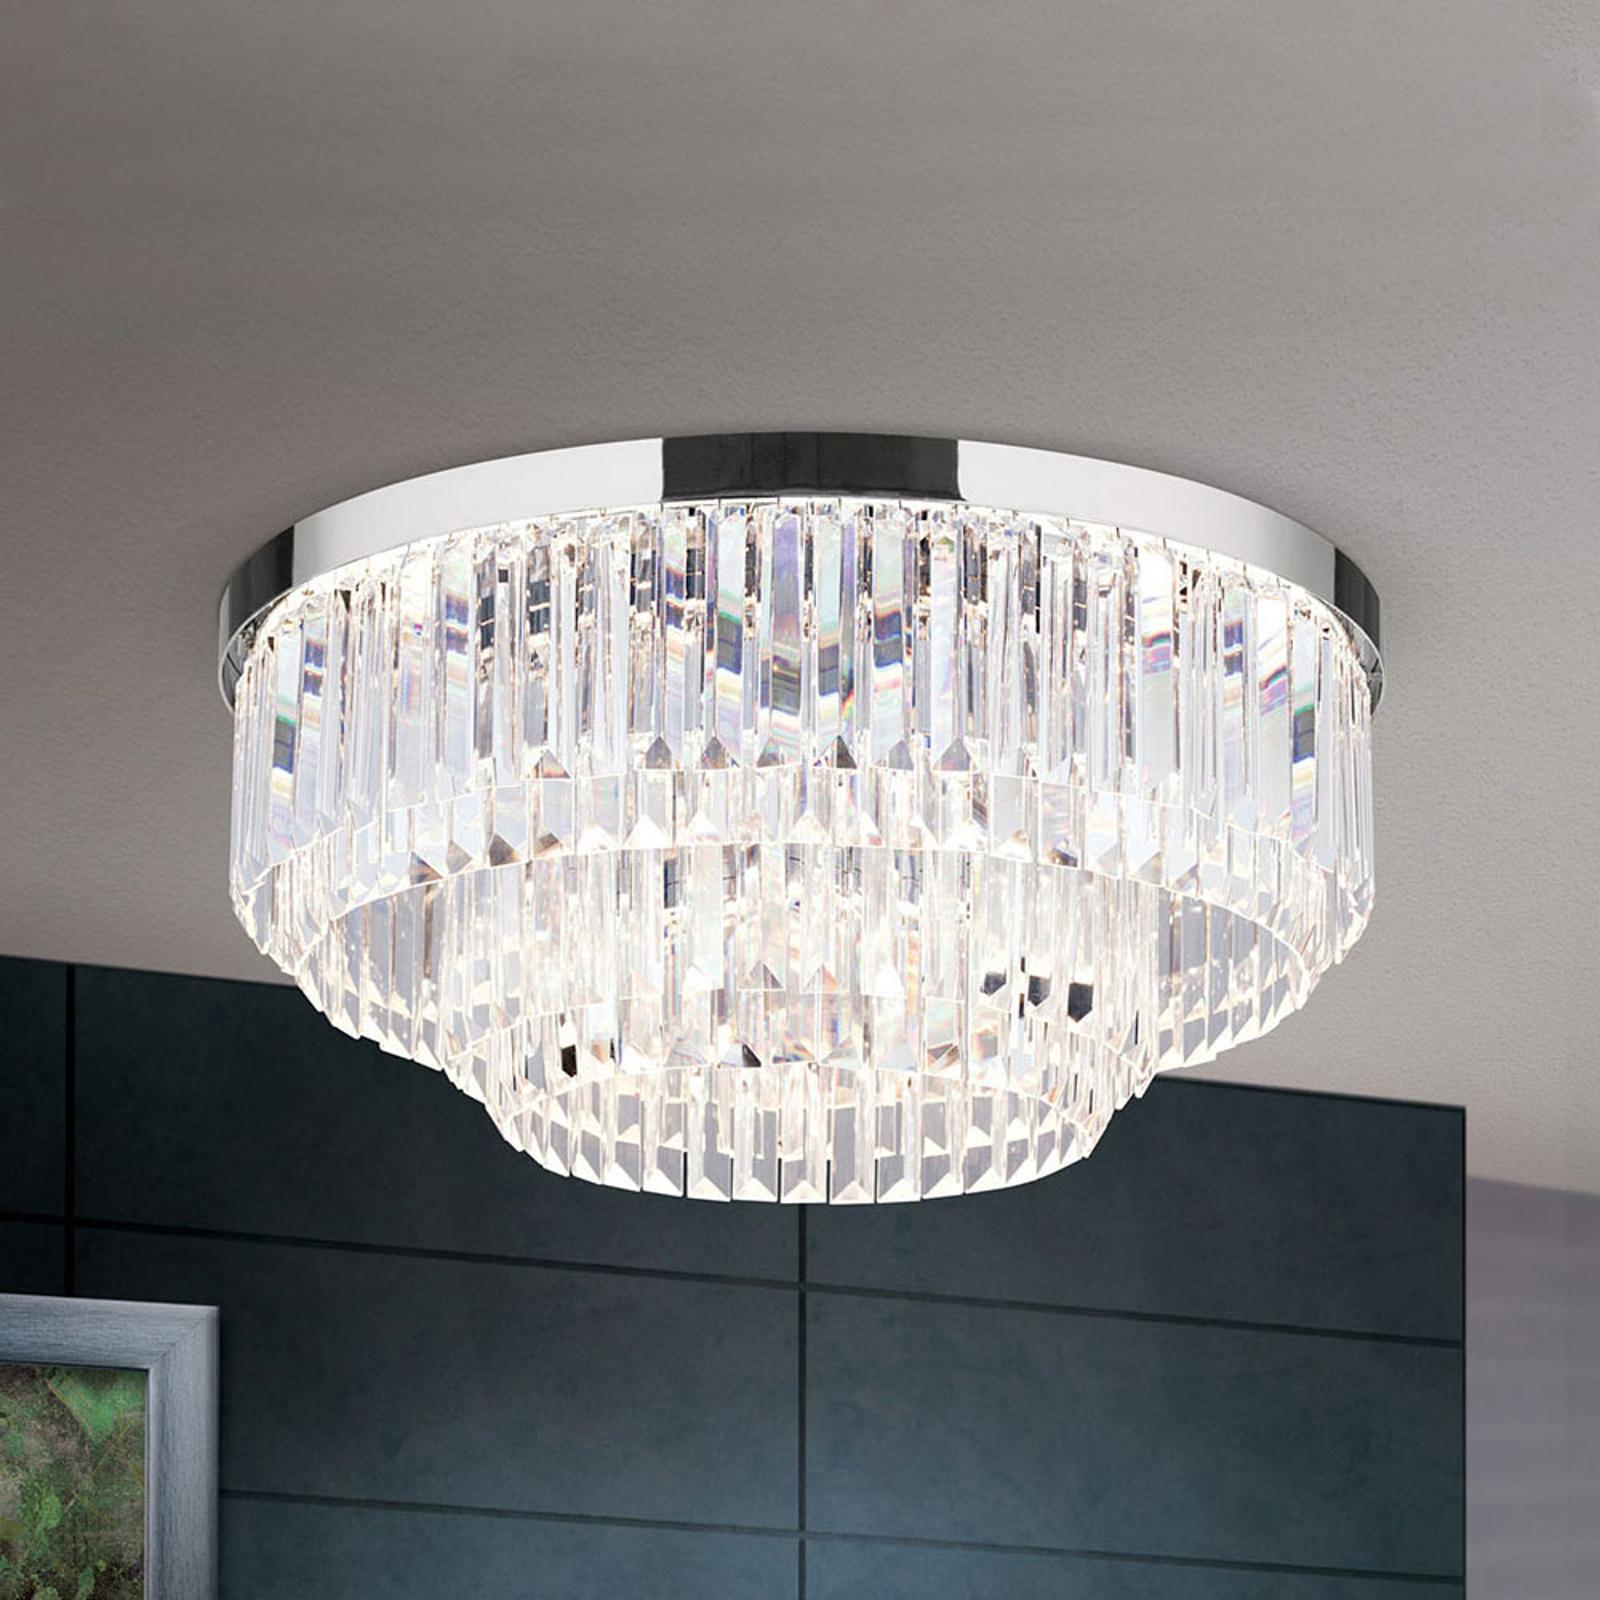 LED-taklampe Prism, krom, Ø 55 cm